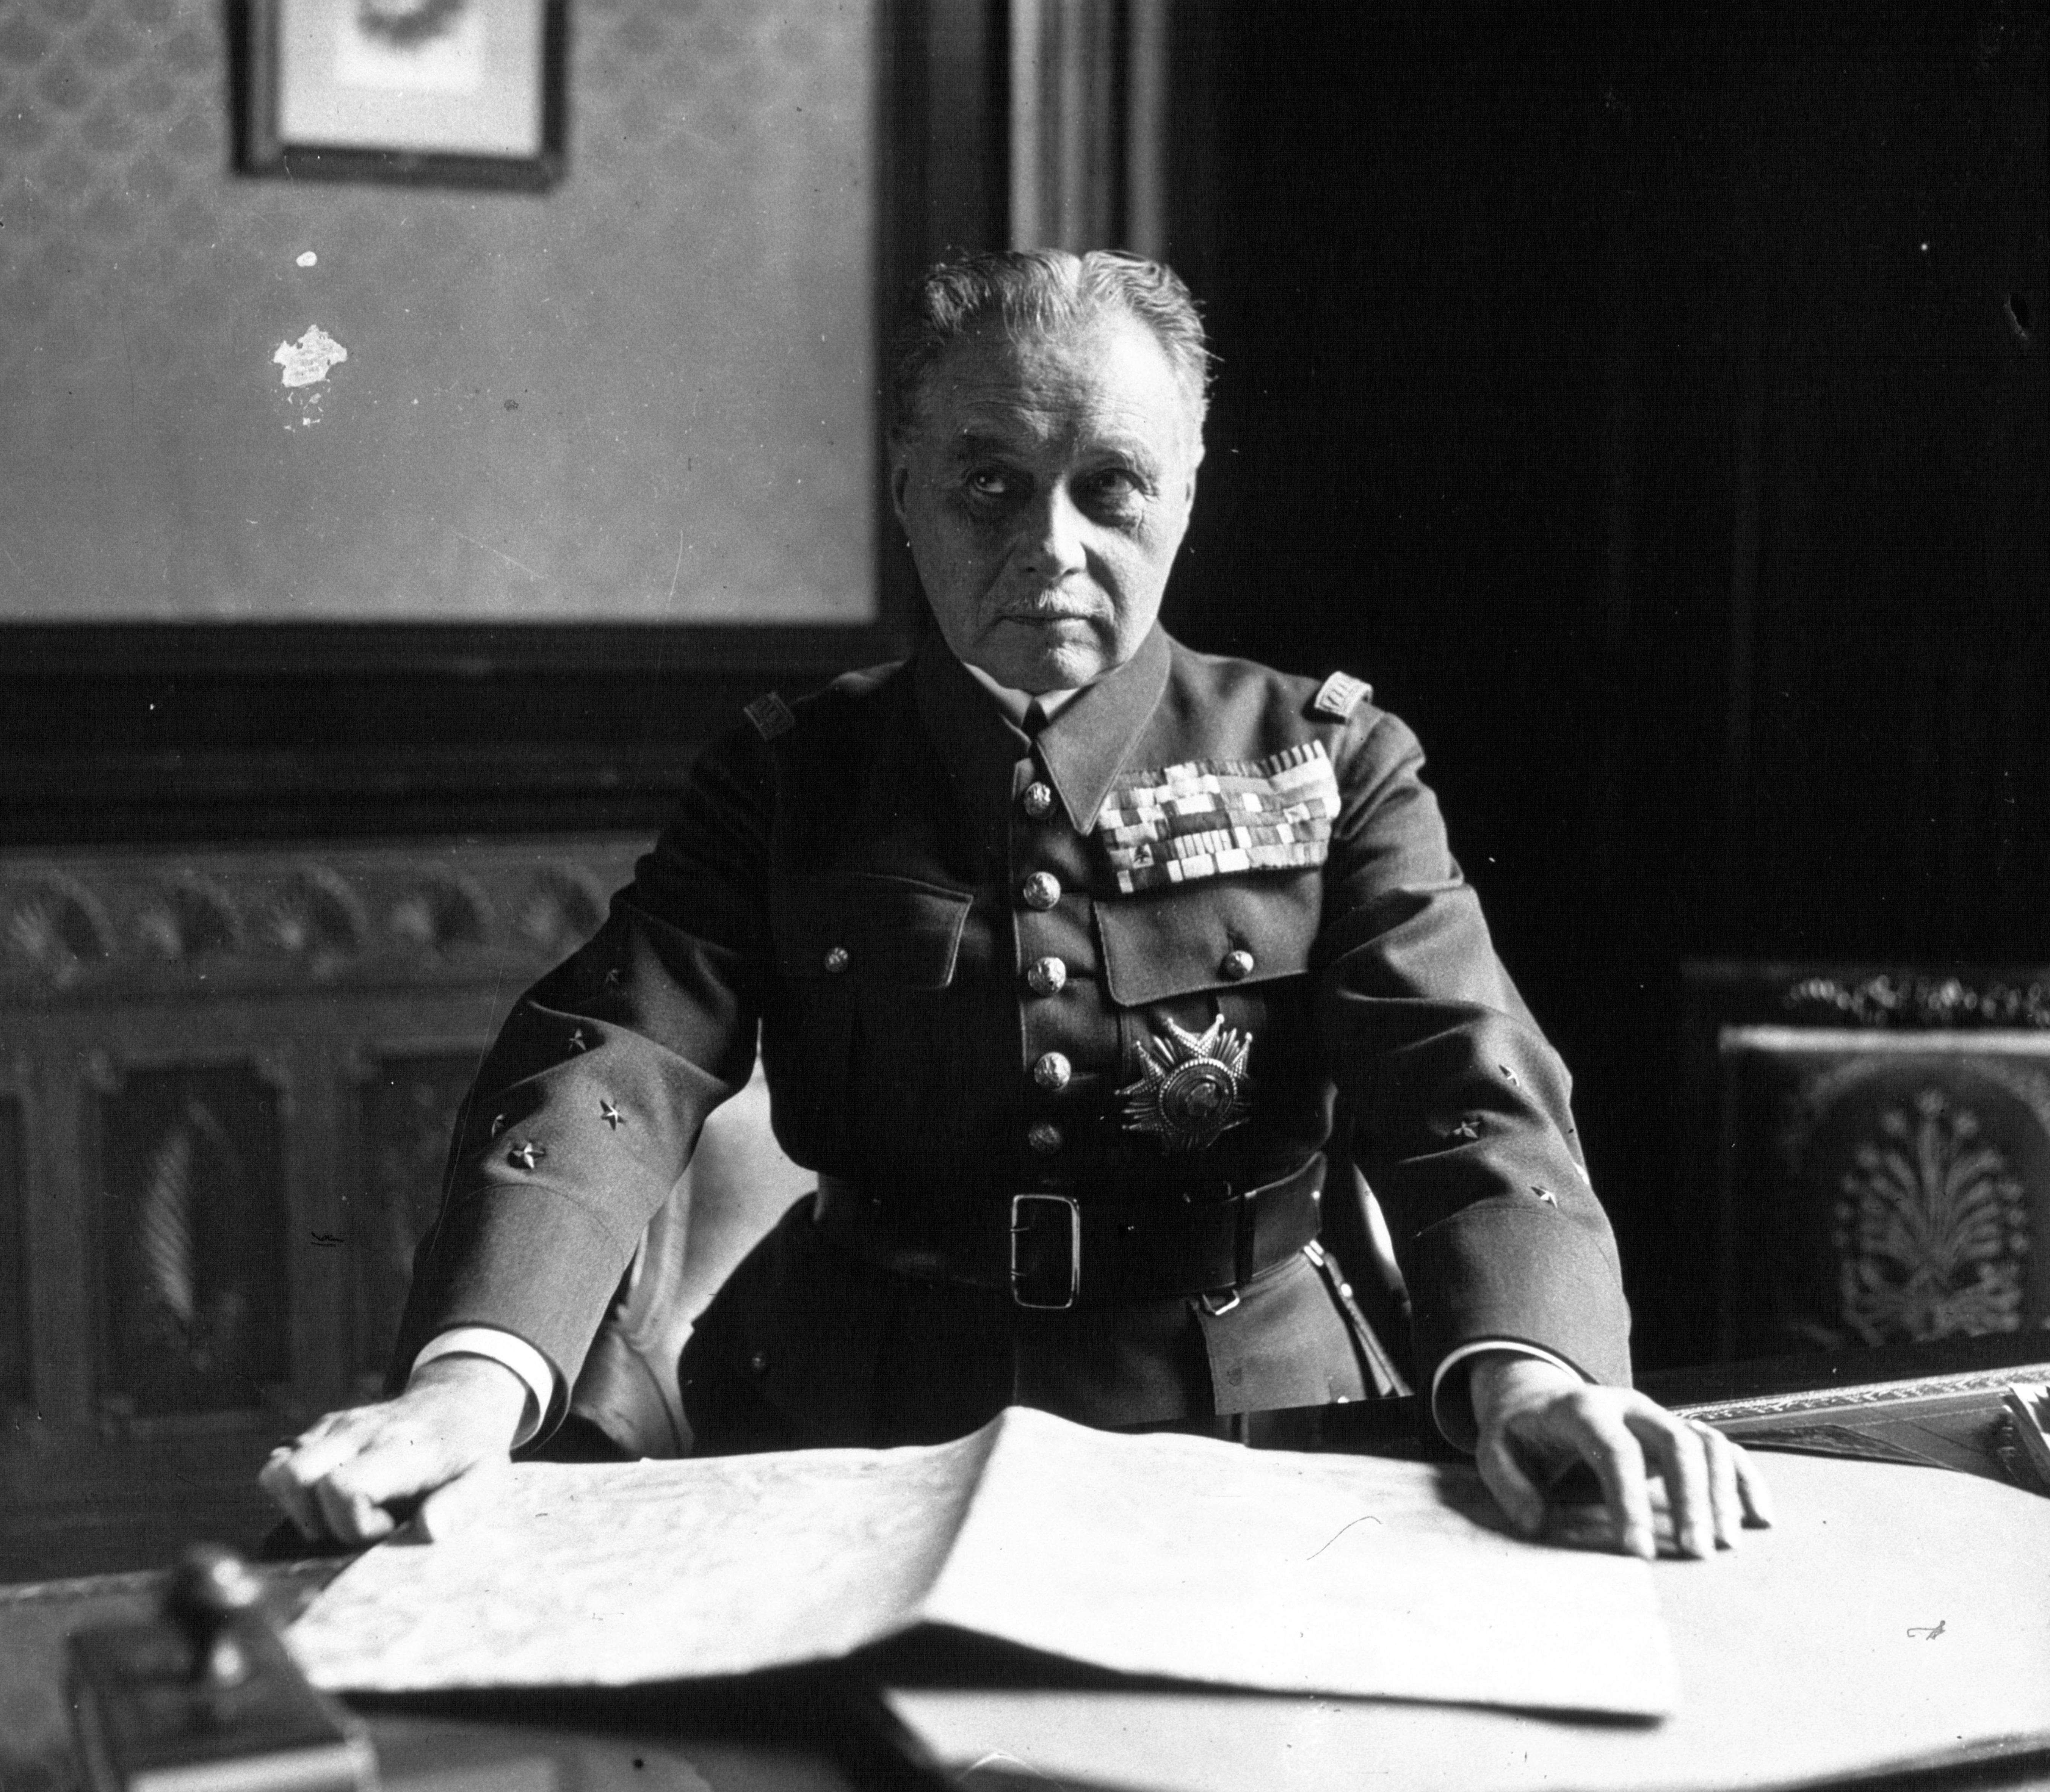 Ο Στρατηγός Μωρίς Γκαμελέν